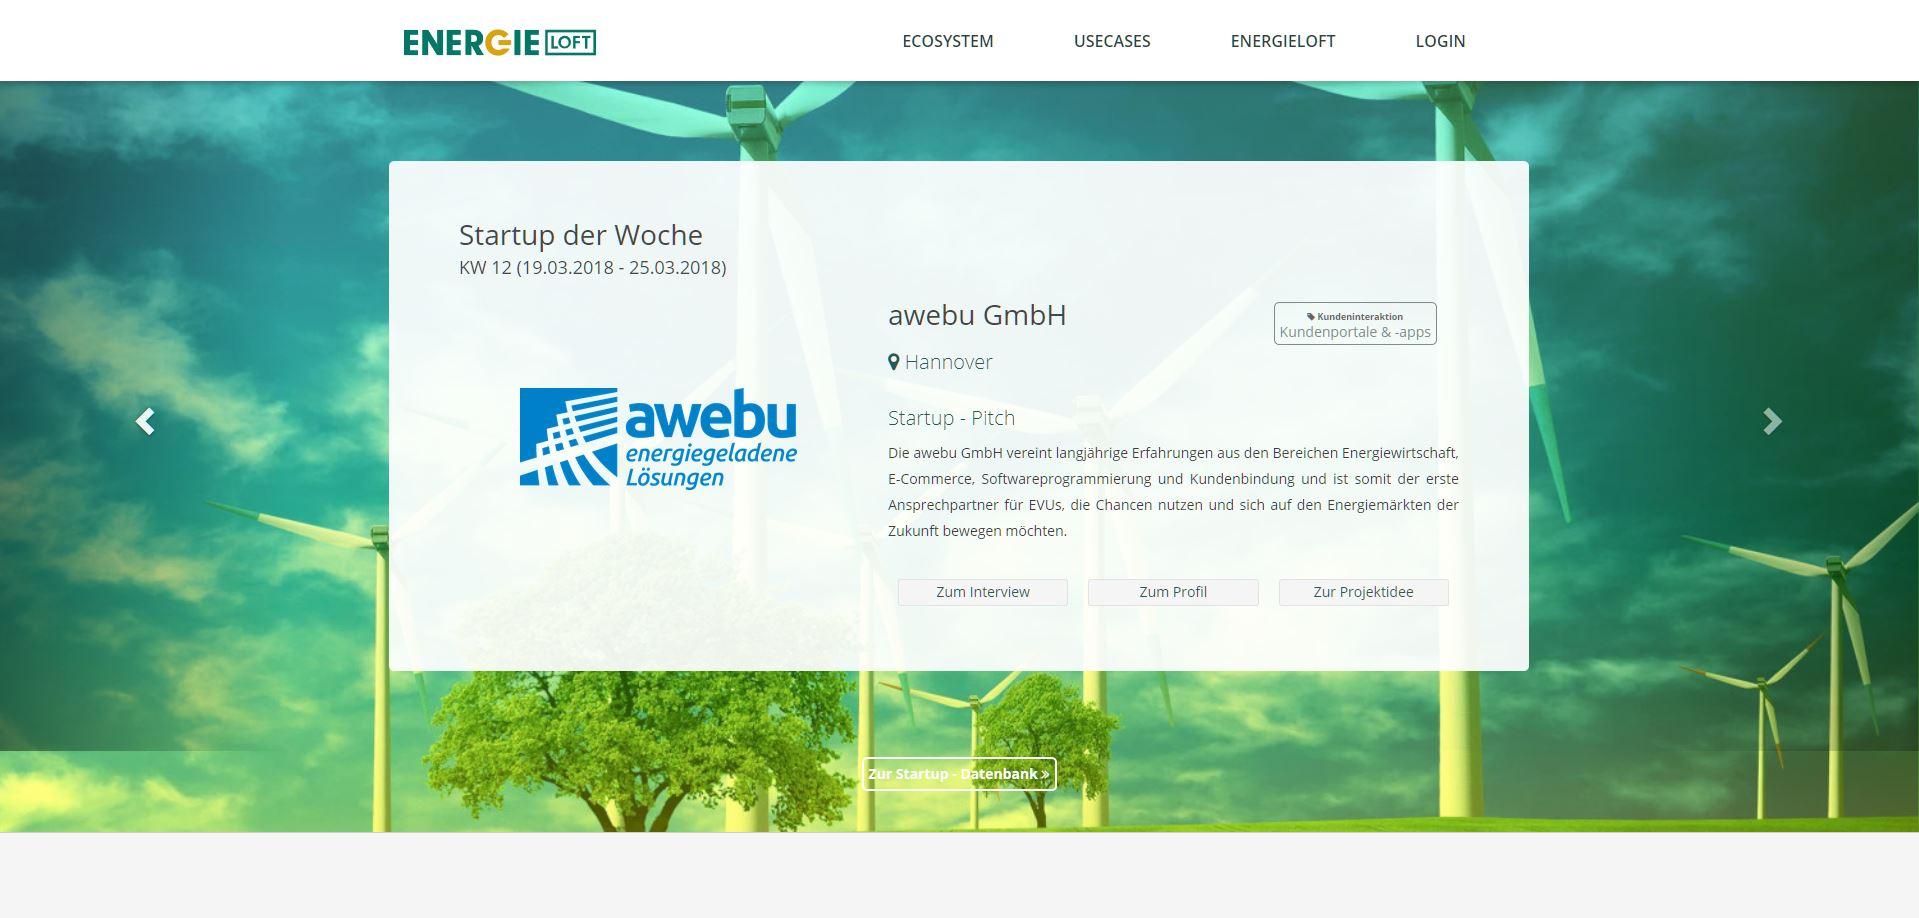 Die awebu GmbH ist StartUp der Woche bei energieloft!